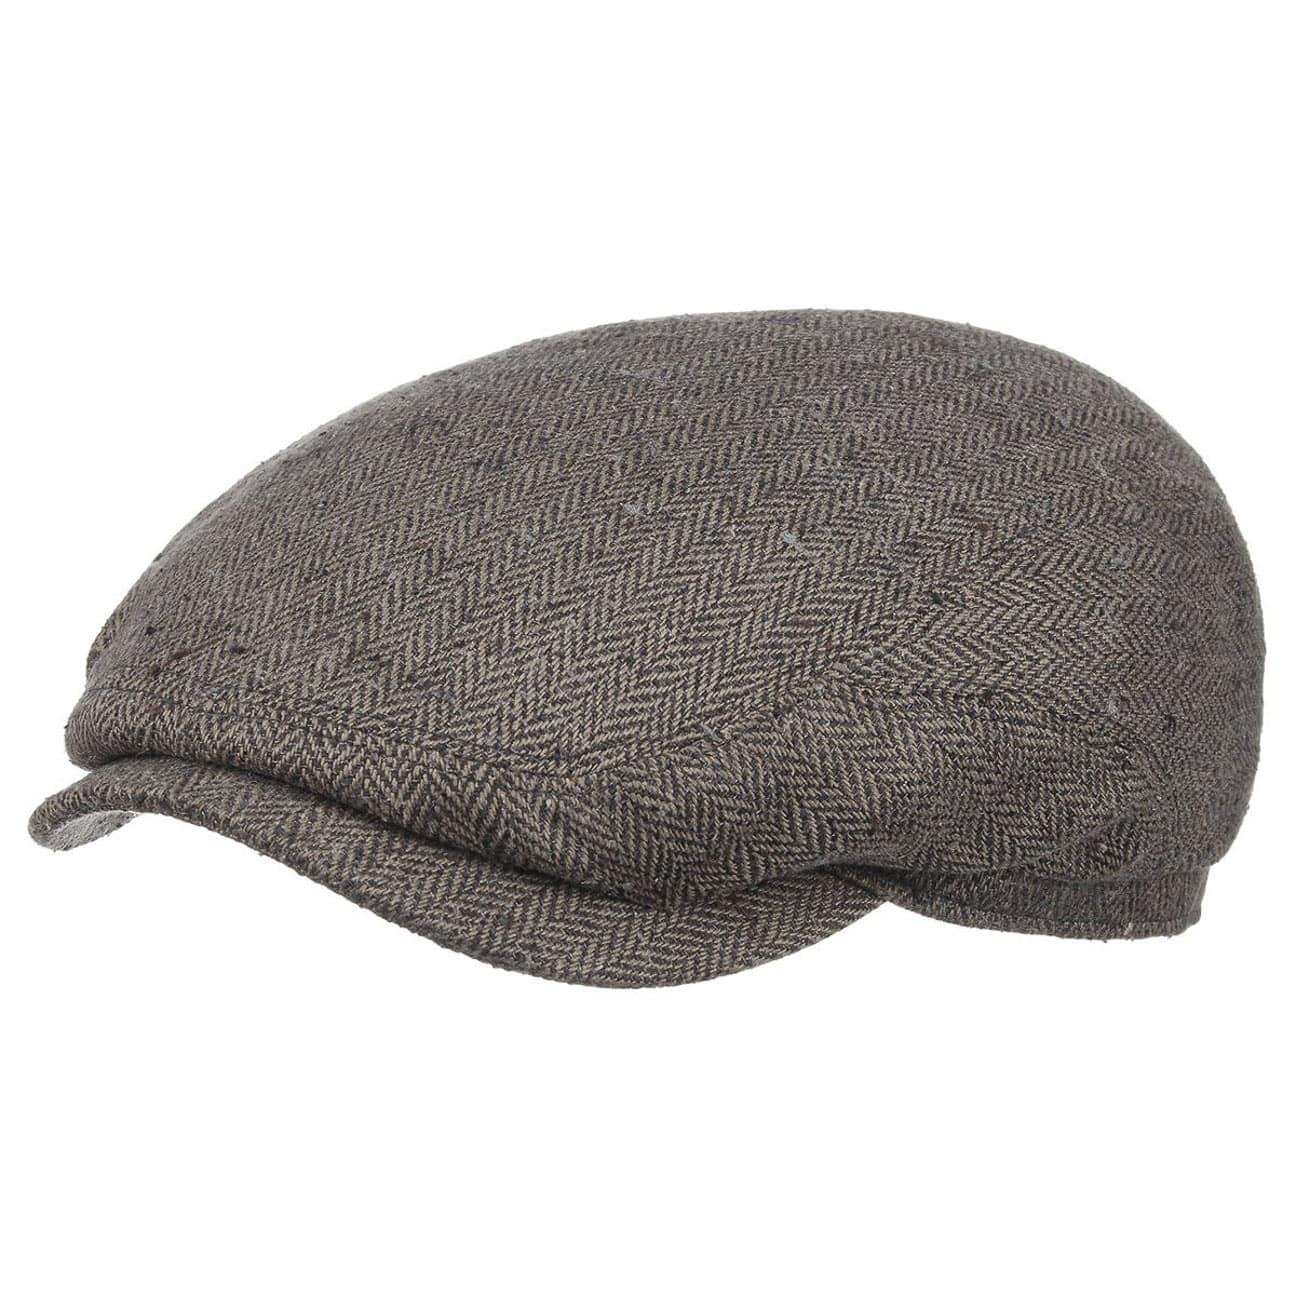 2316a8960dcc0 ... Belfast Silk Flat Cap by Stetson - grey 5 ...